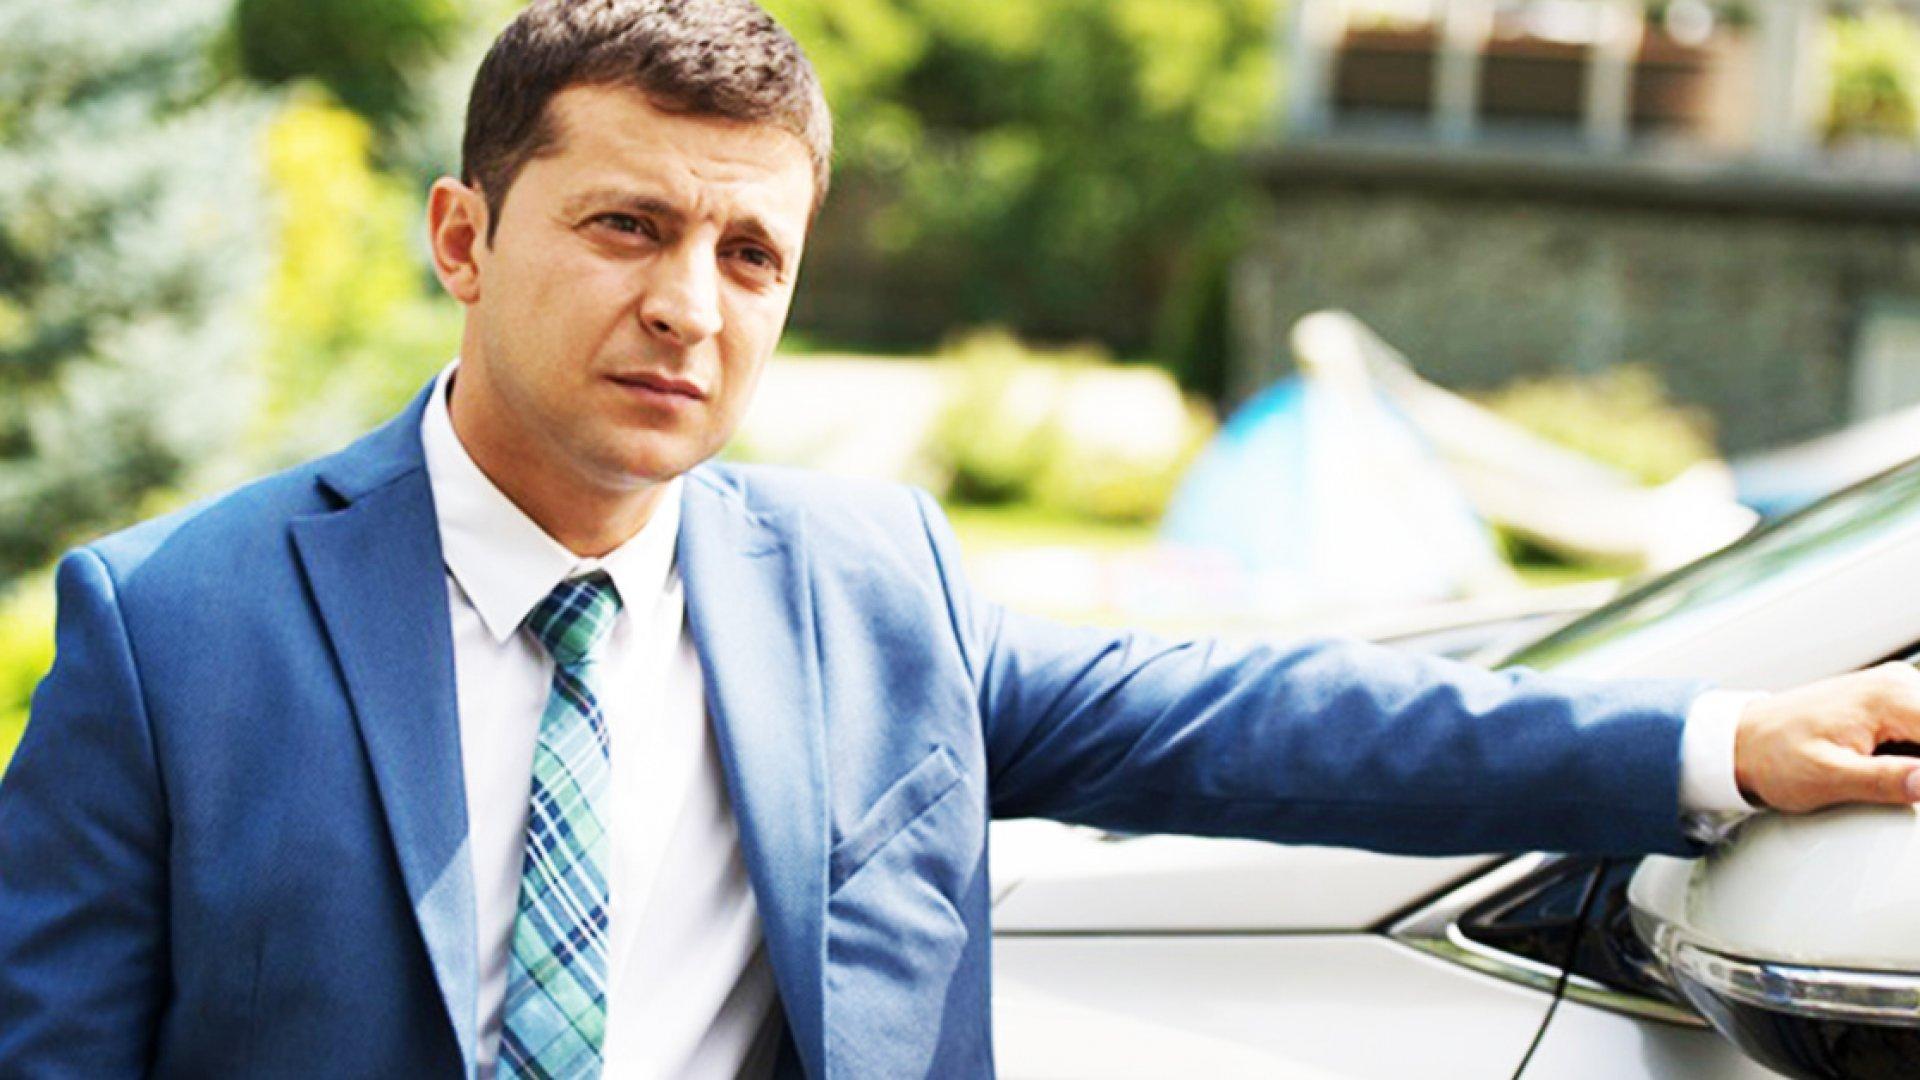 Komičar najpopularniji kandidat za predsednika Ukrajine